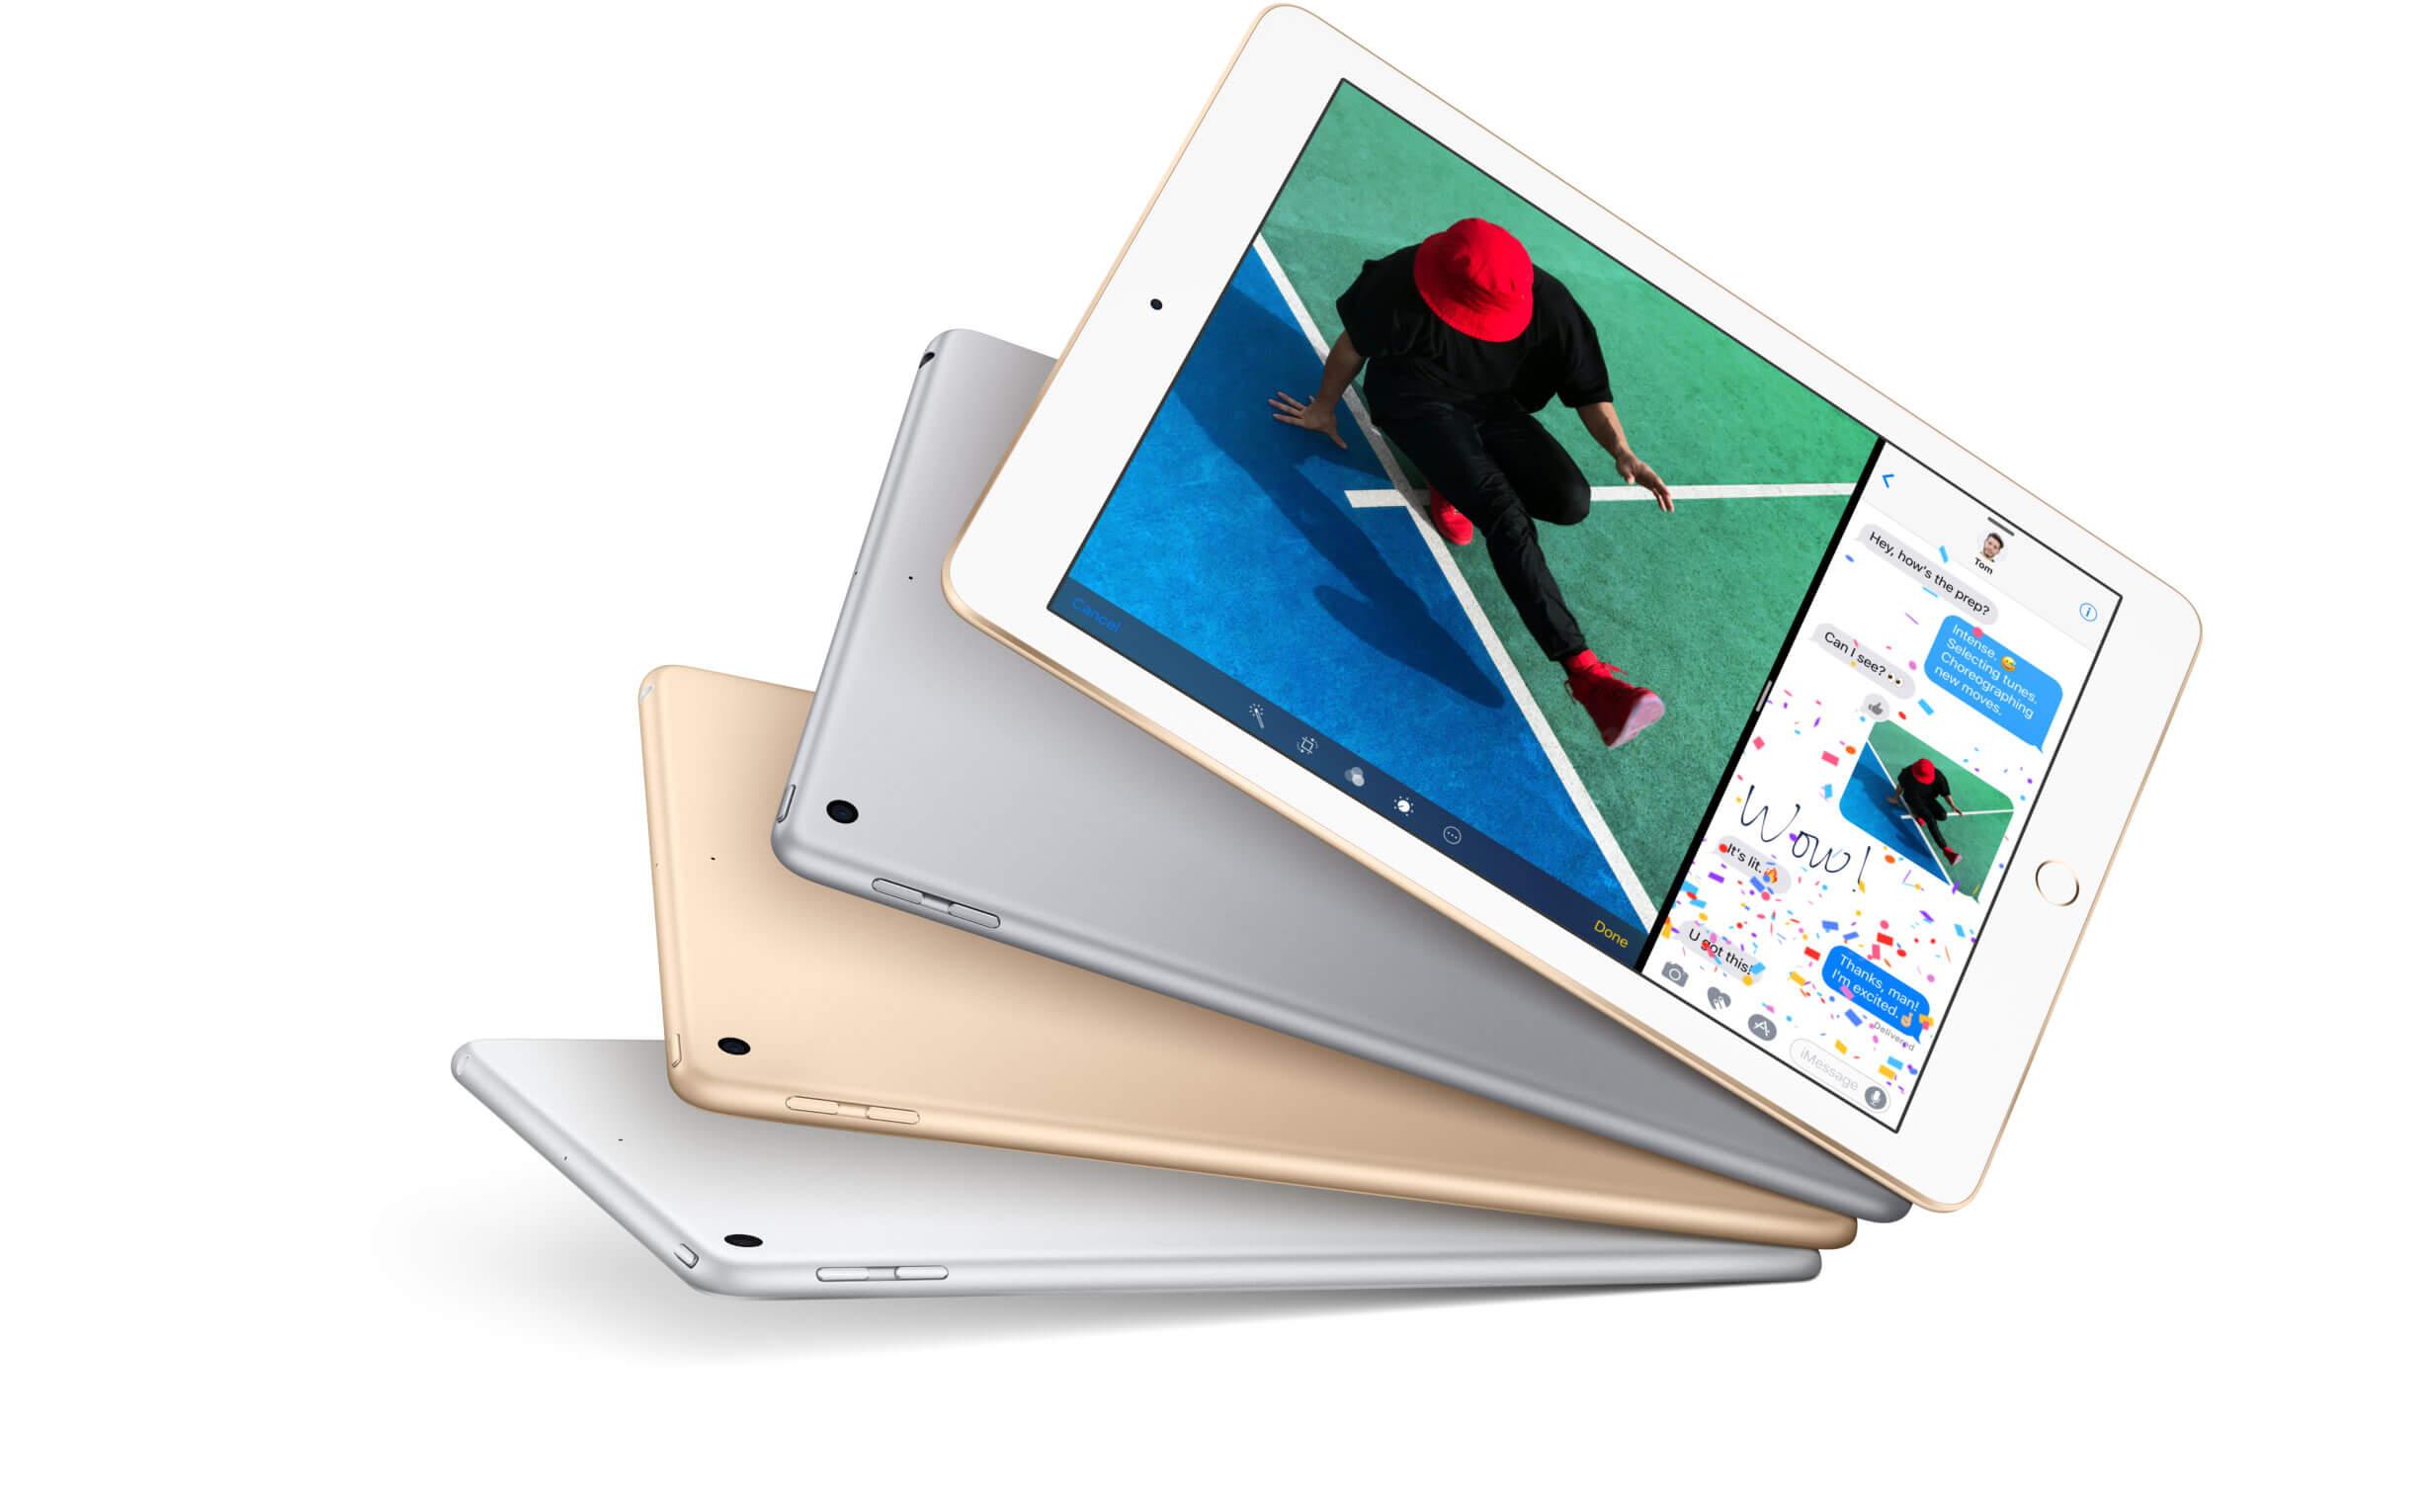 iPad Теперь с поддержкой Apple Pencil А ещё он тонкий лёгкий и мощный С дисплеем Retina